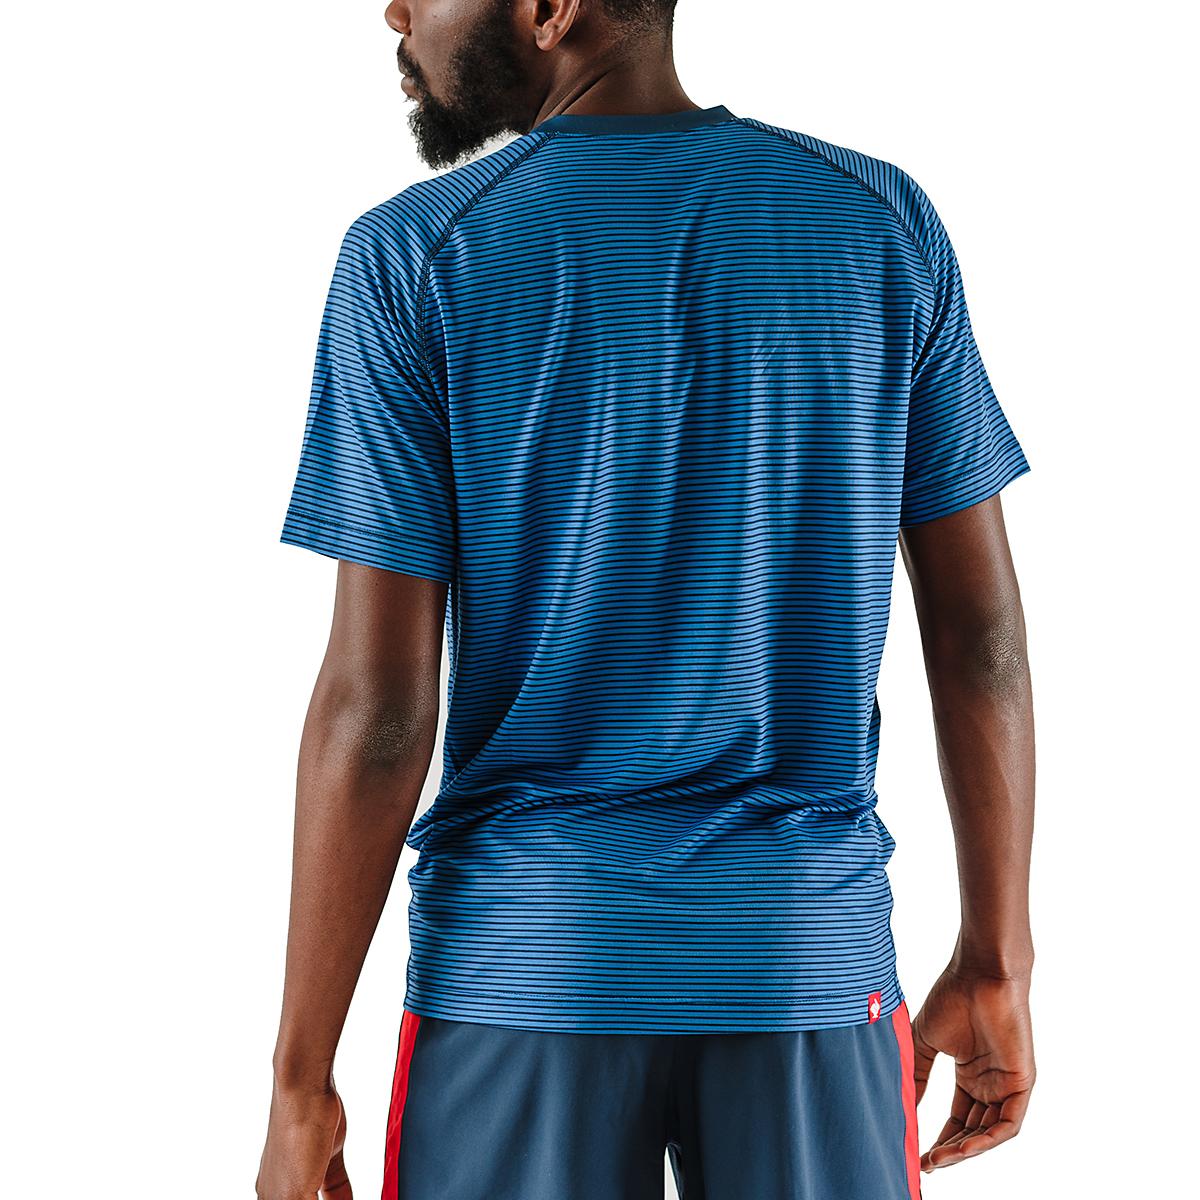 Men's Rabbit EZ Tee Short Sleeve - JackRabbit Exclusive - Color: Dress Blues/Lapis Blue - Size: S, Dress Blues/Lapis Blue, large, image 2